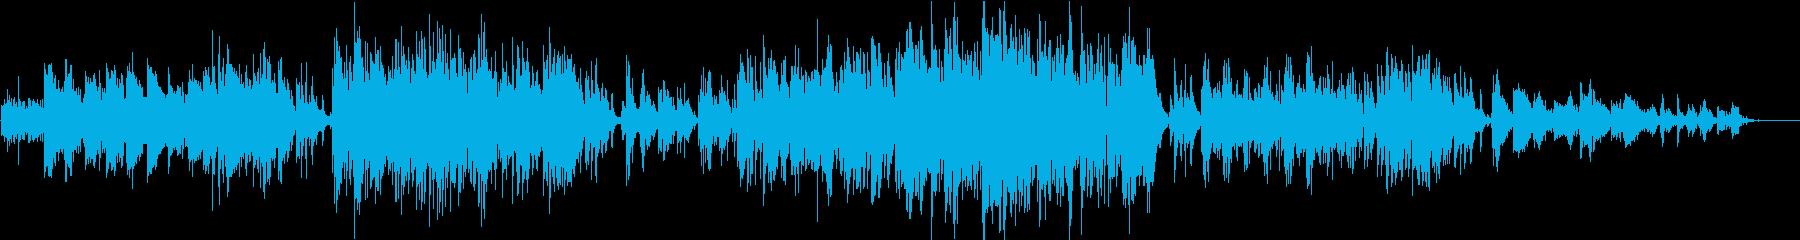 バリトンサックスとアコギのフォーキーな曲の再生済みの波形